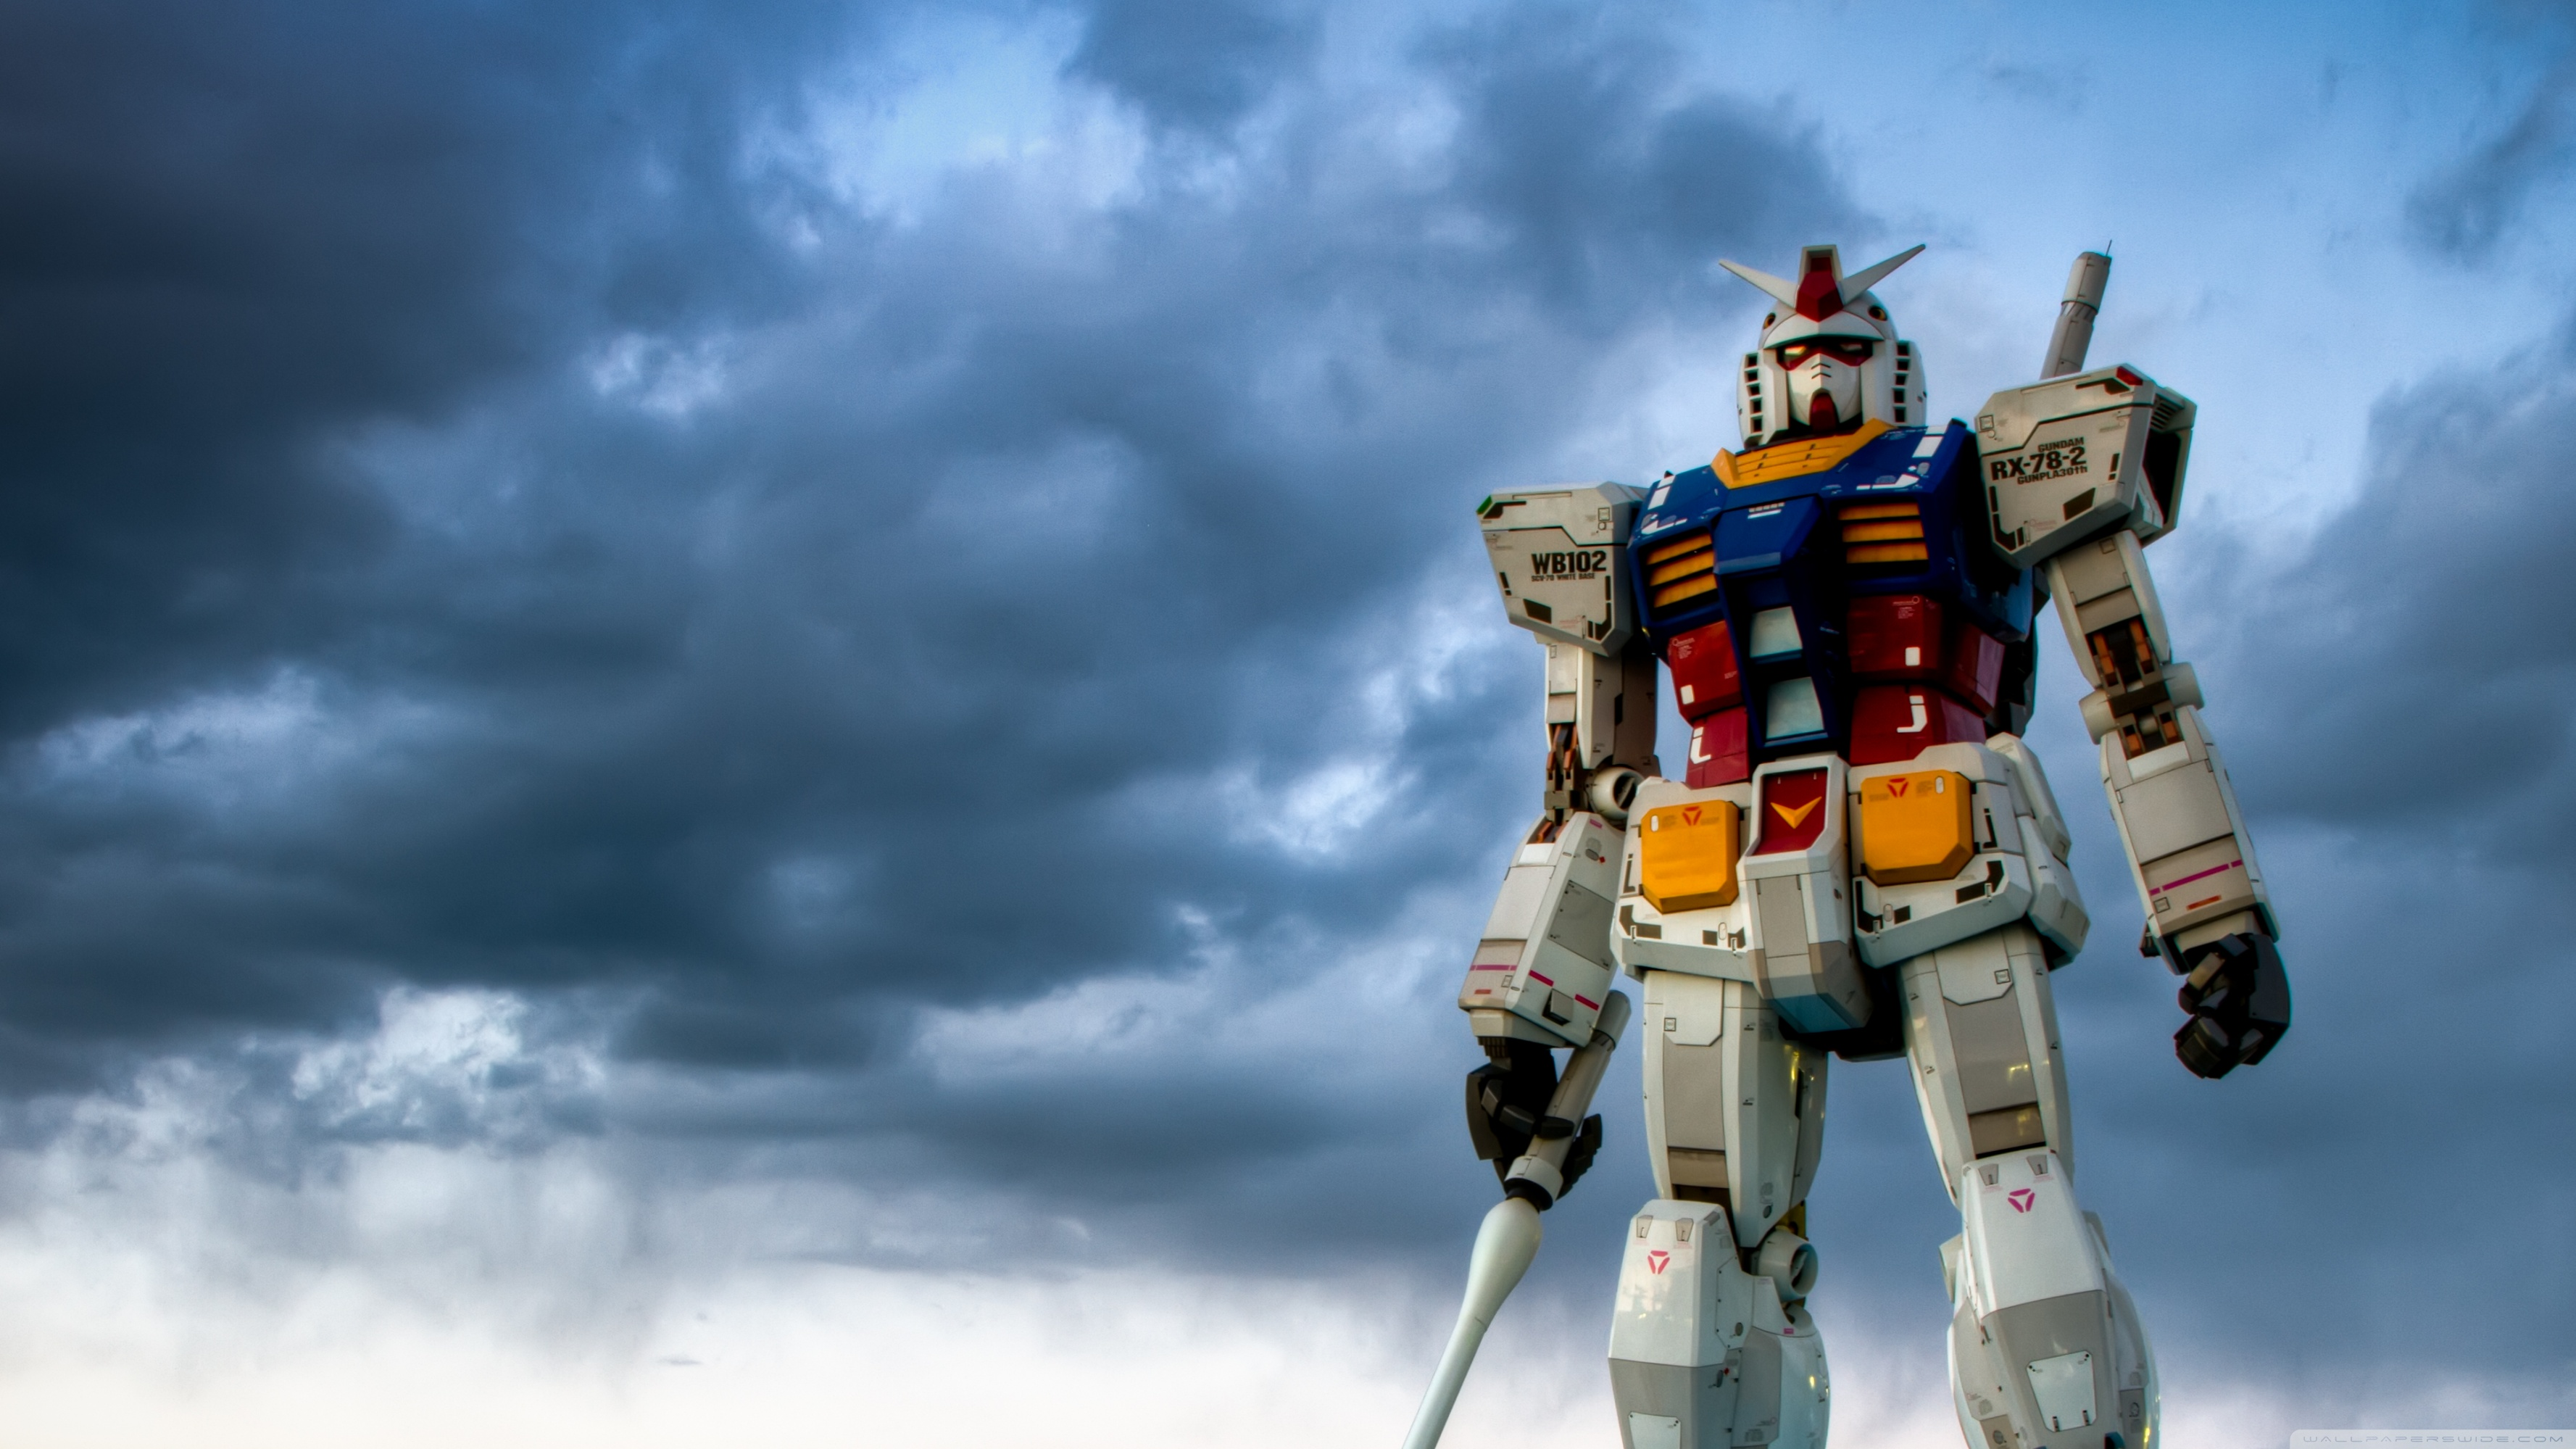 Gundam Odaiba 4K HD Desktop Wallpaper for 4K Ultra HD TV Wide 3554x1999